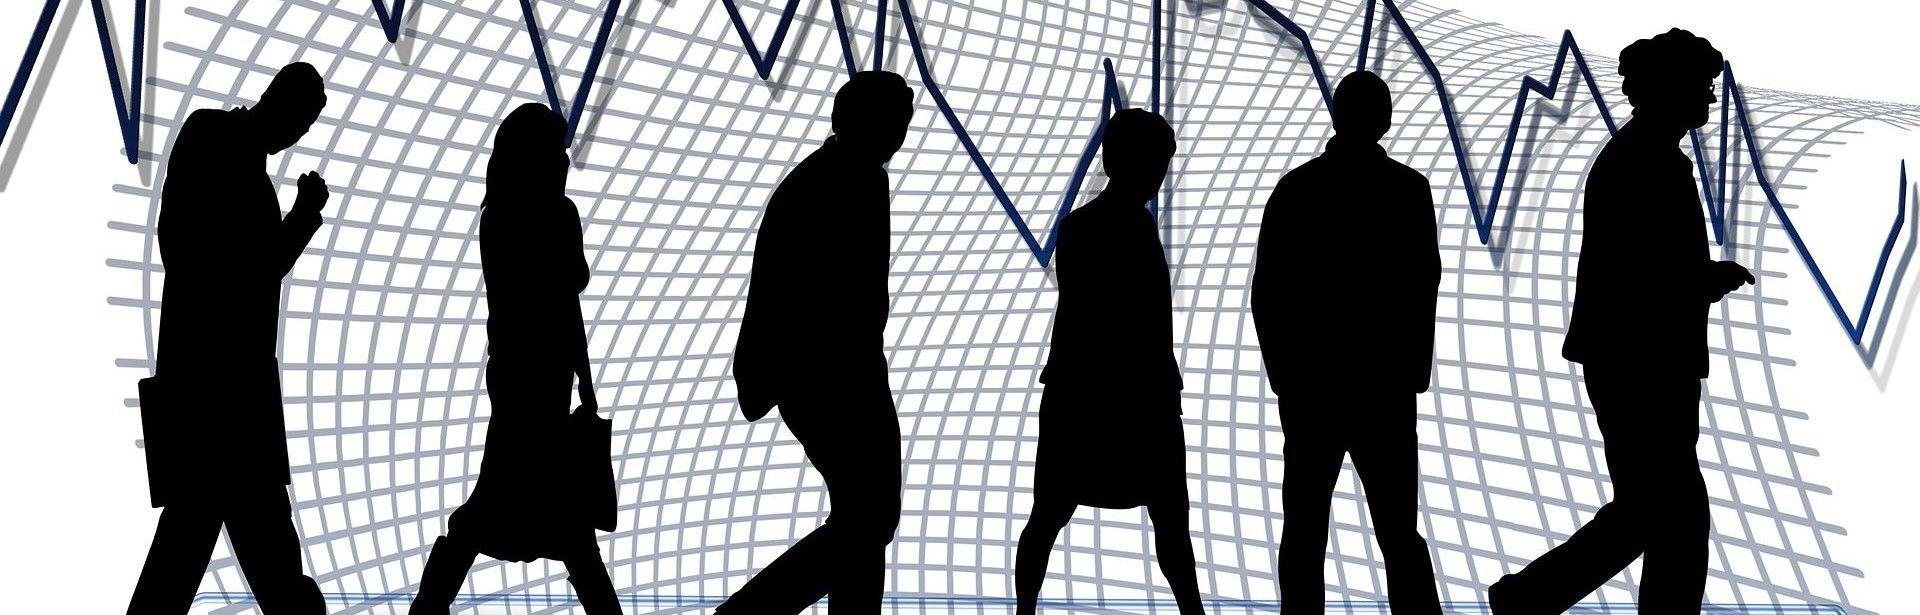 Unternehmensidentität hängt von tatsächlicher Betätigung ab